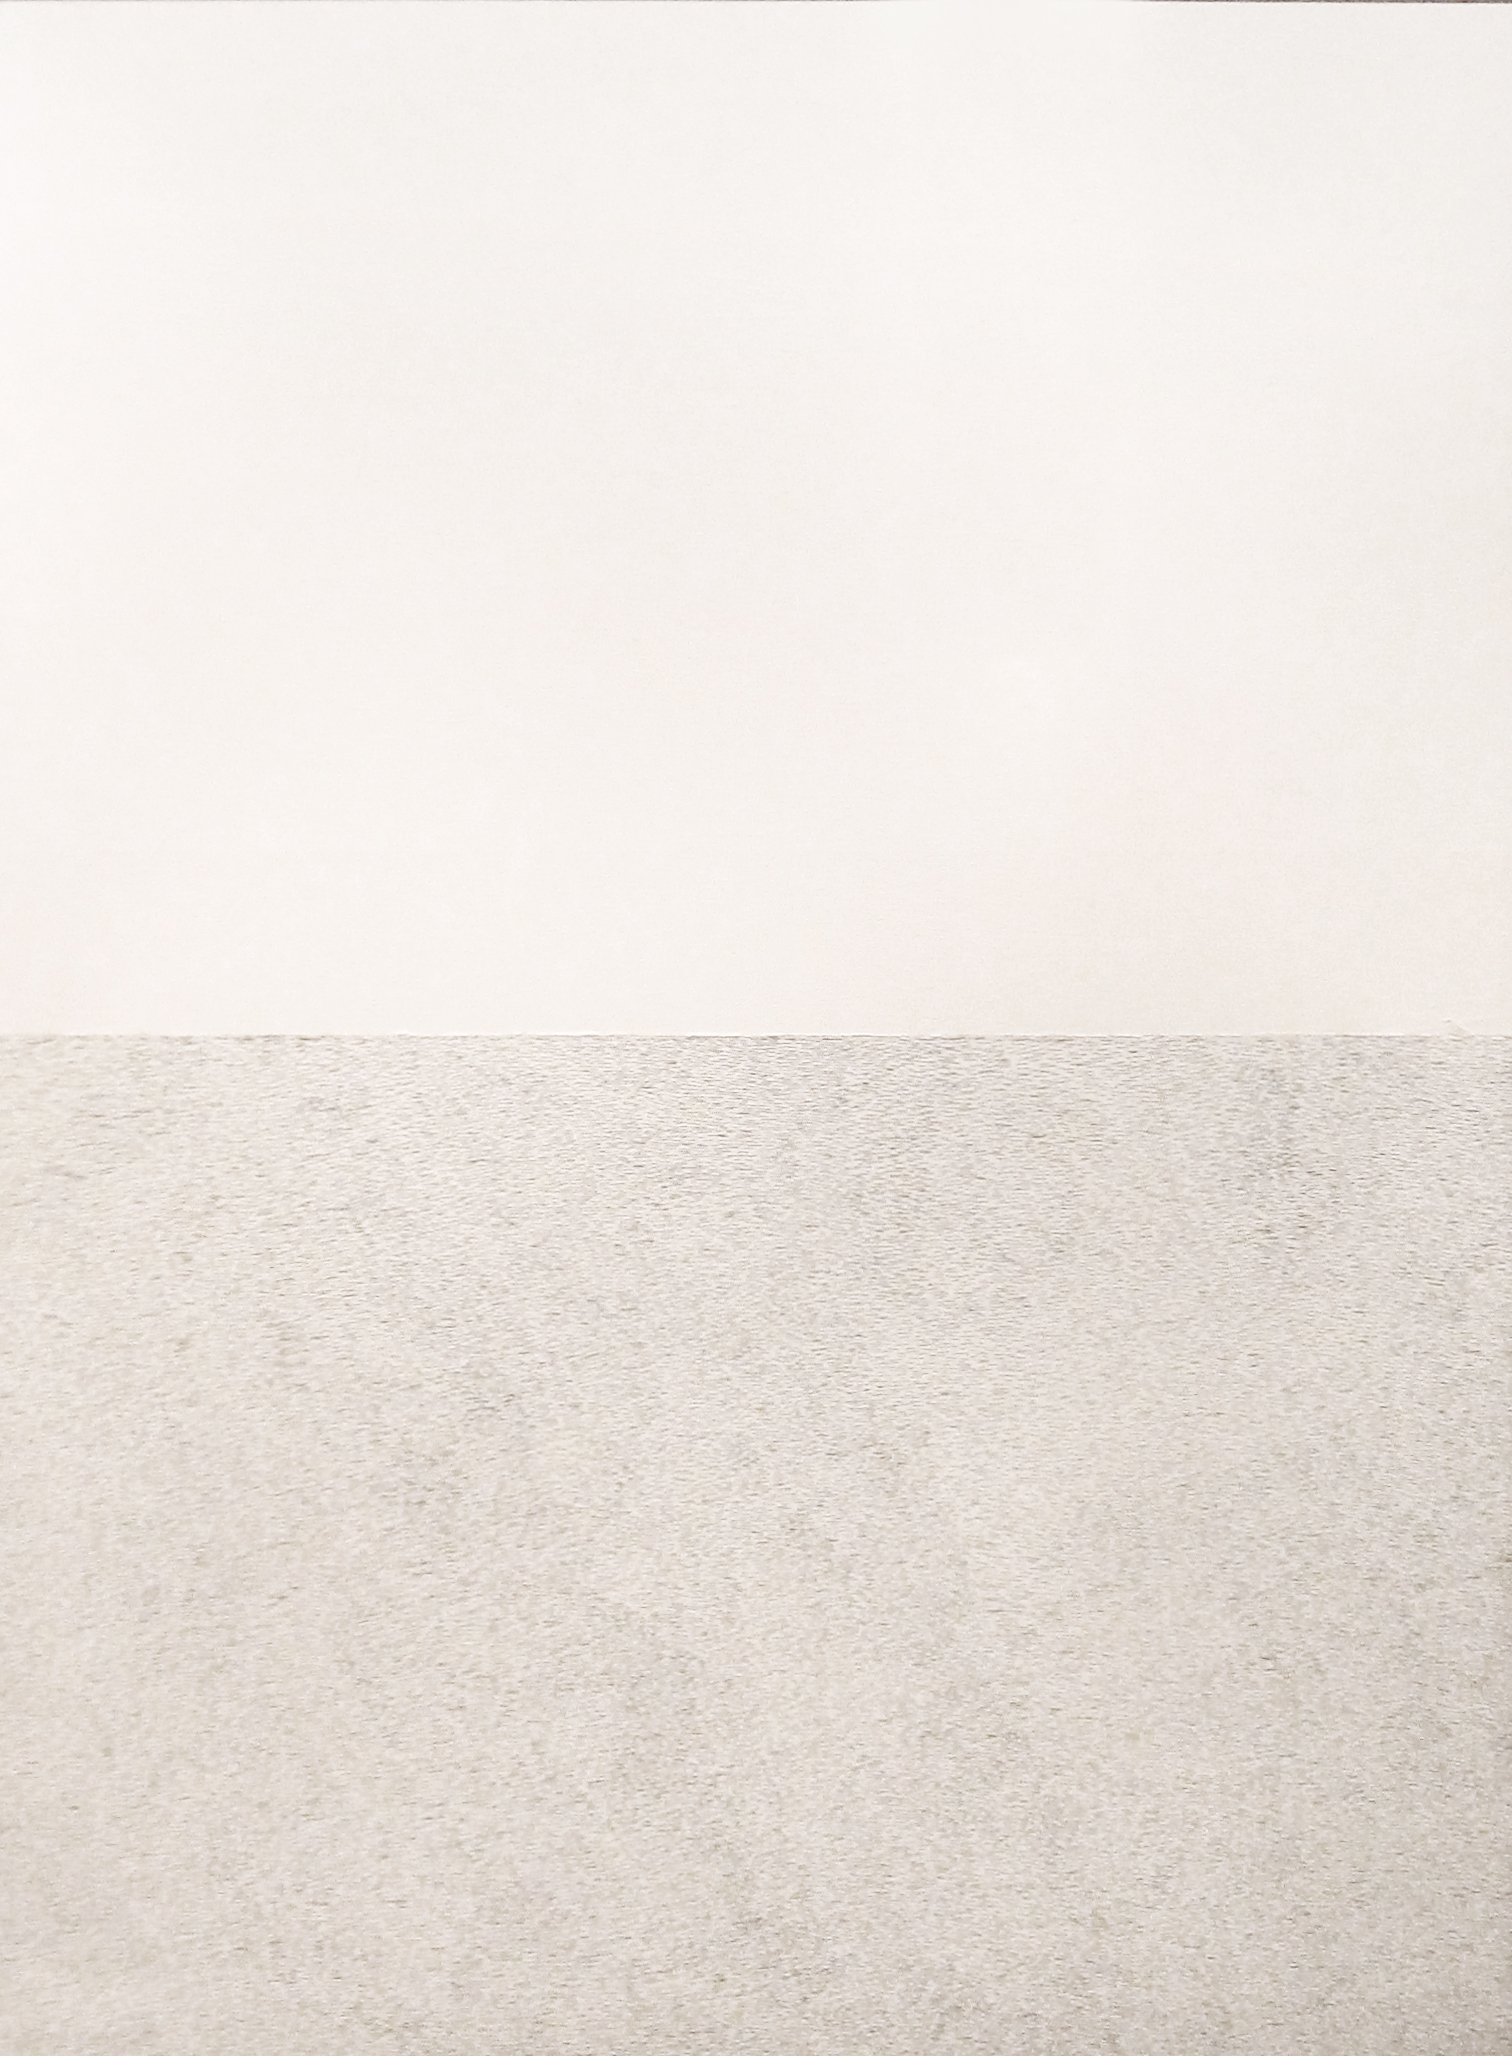 Waver / 2010 / Correction fluid, paper / 78x109 cm